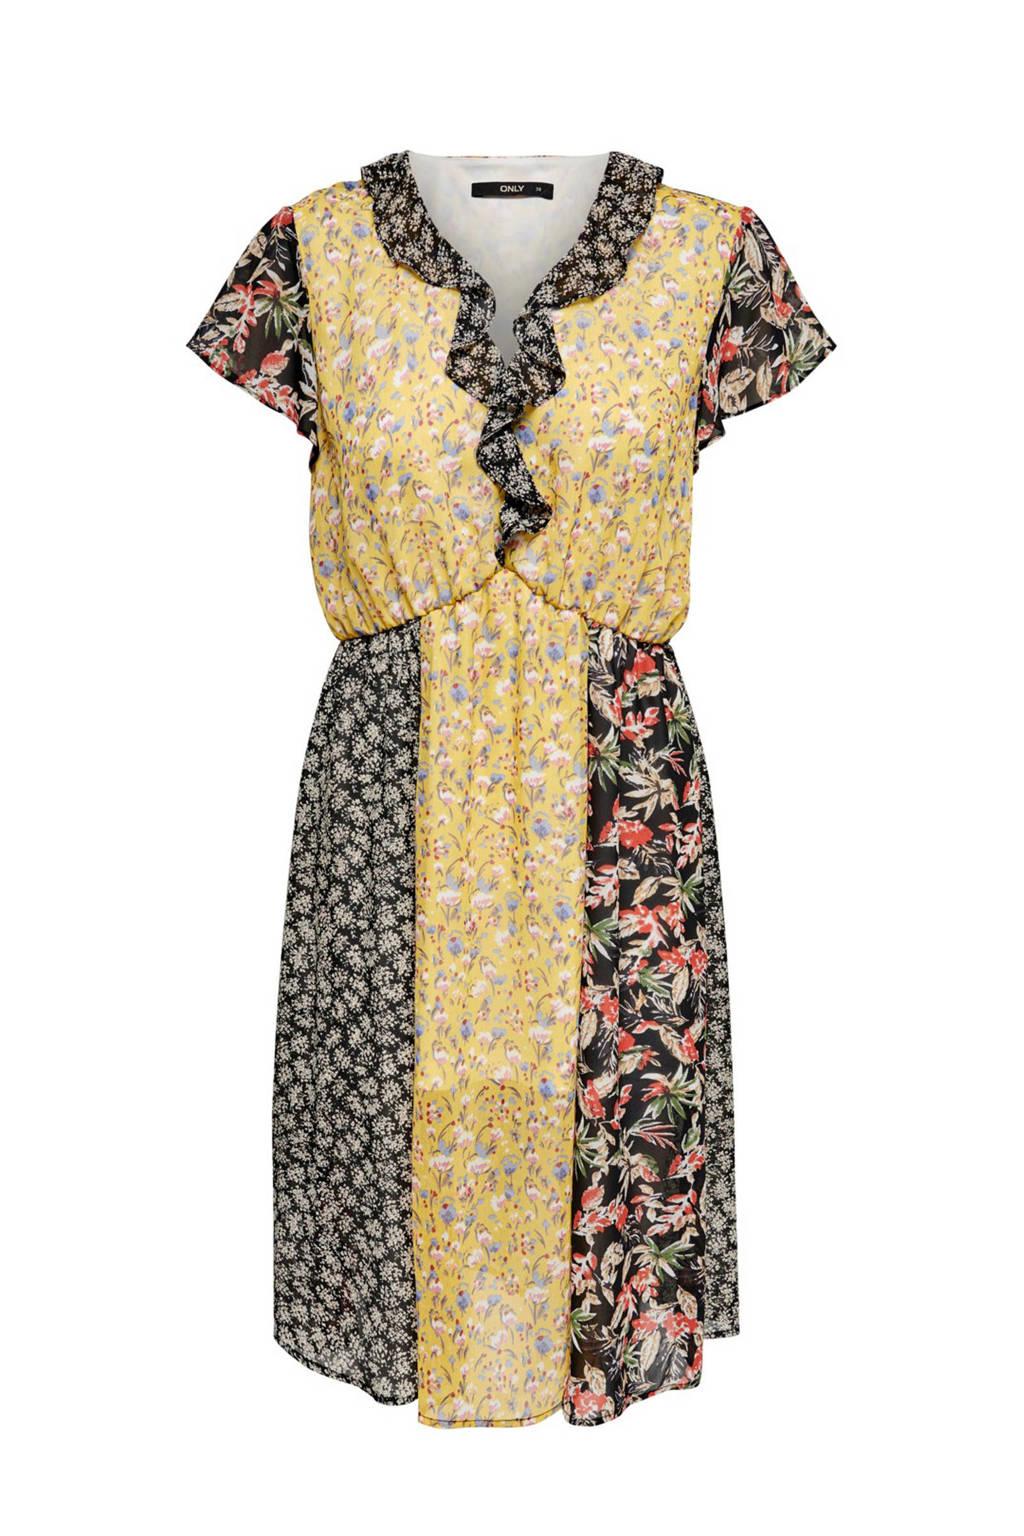 ONLY jurk met all over print en volant, Geel/zwart/multi